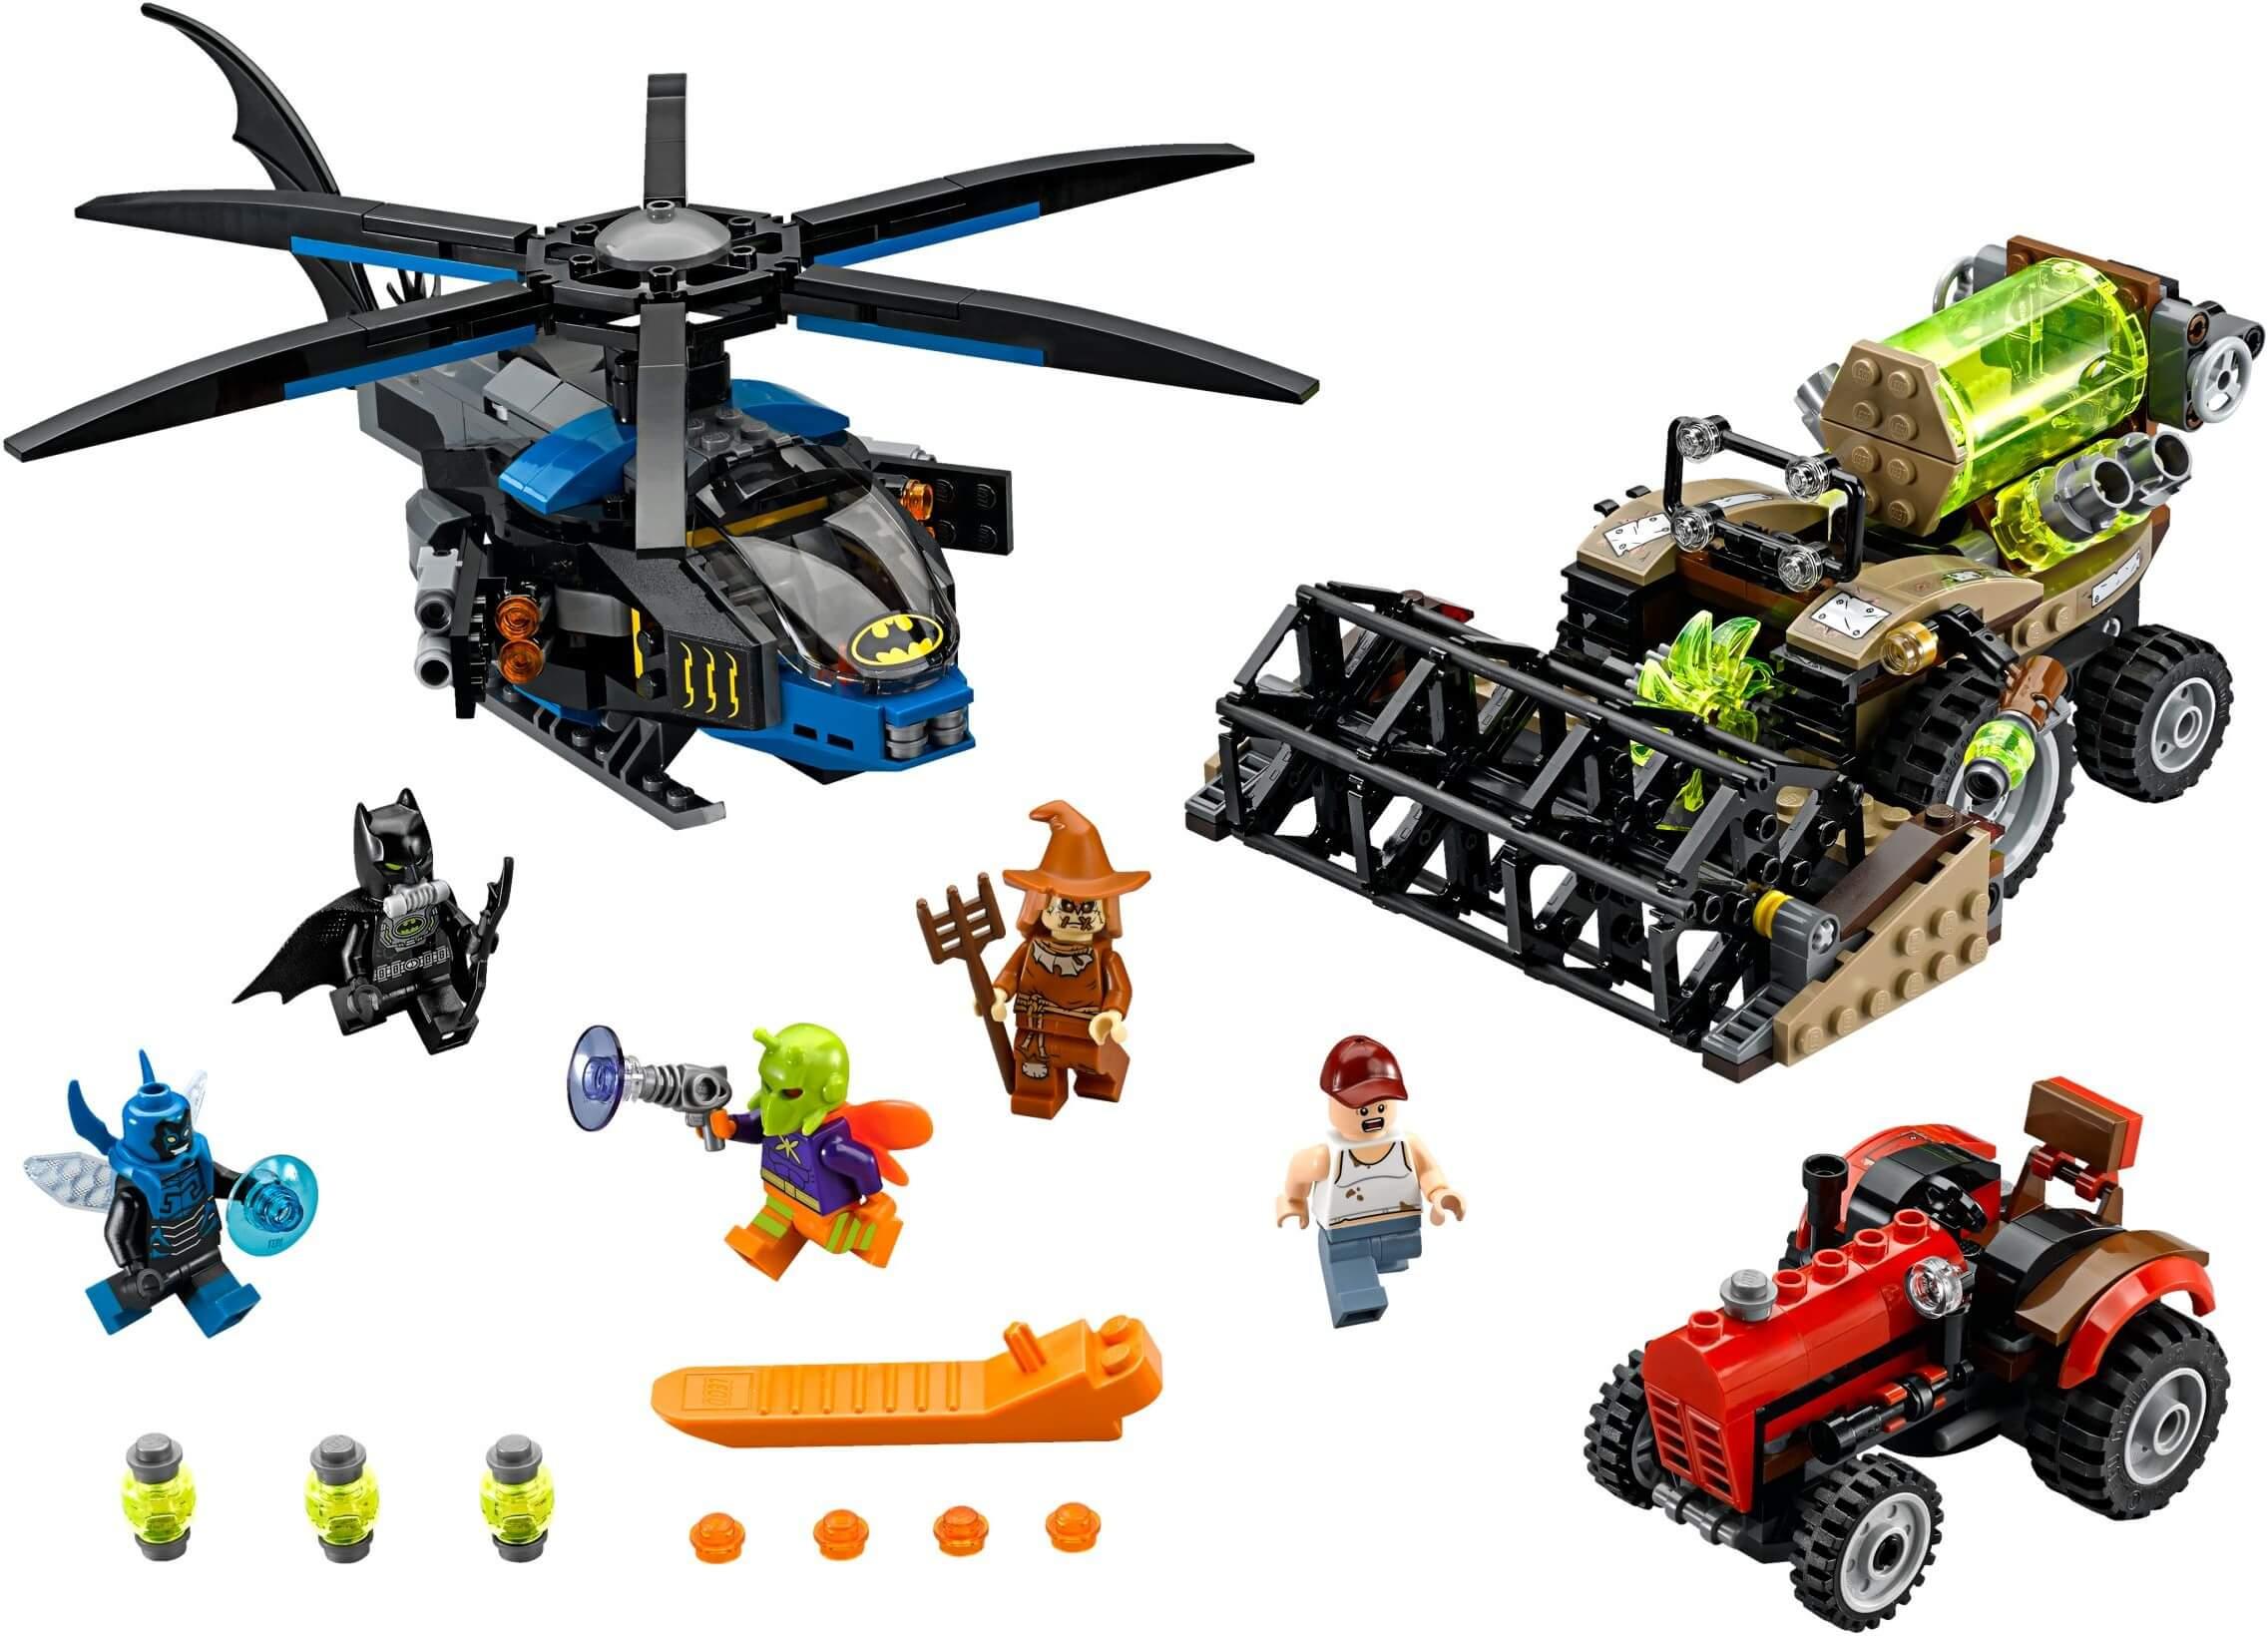 Mua đồ chơi LEGO 76054 - LEGO DC Comics Super Heroes 76054 - Batman đại chiến Scarecrow (LEGO DC Comics Super Heroes Batman Scarecrow Harvest of Fear 76054)